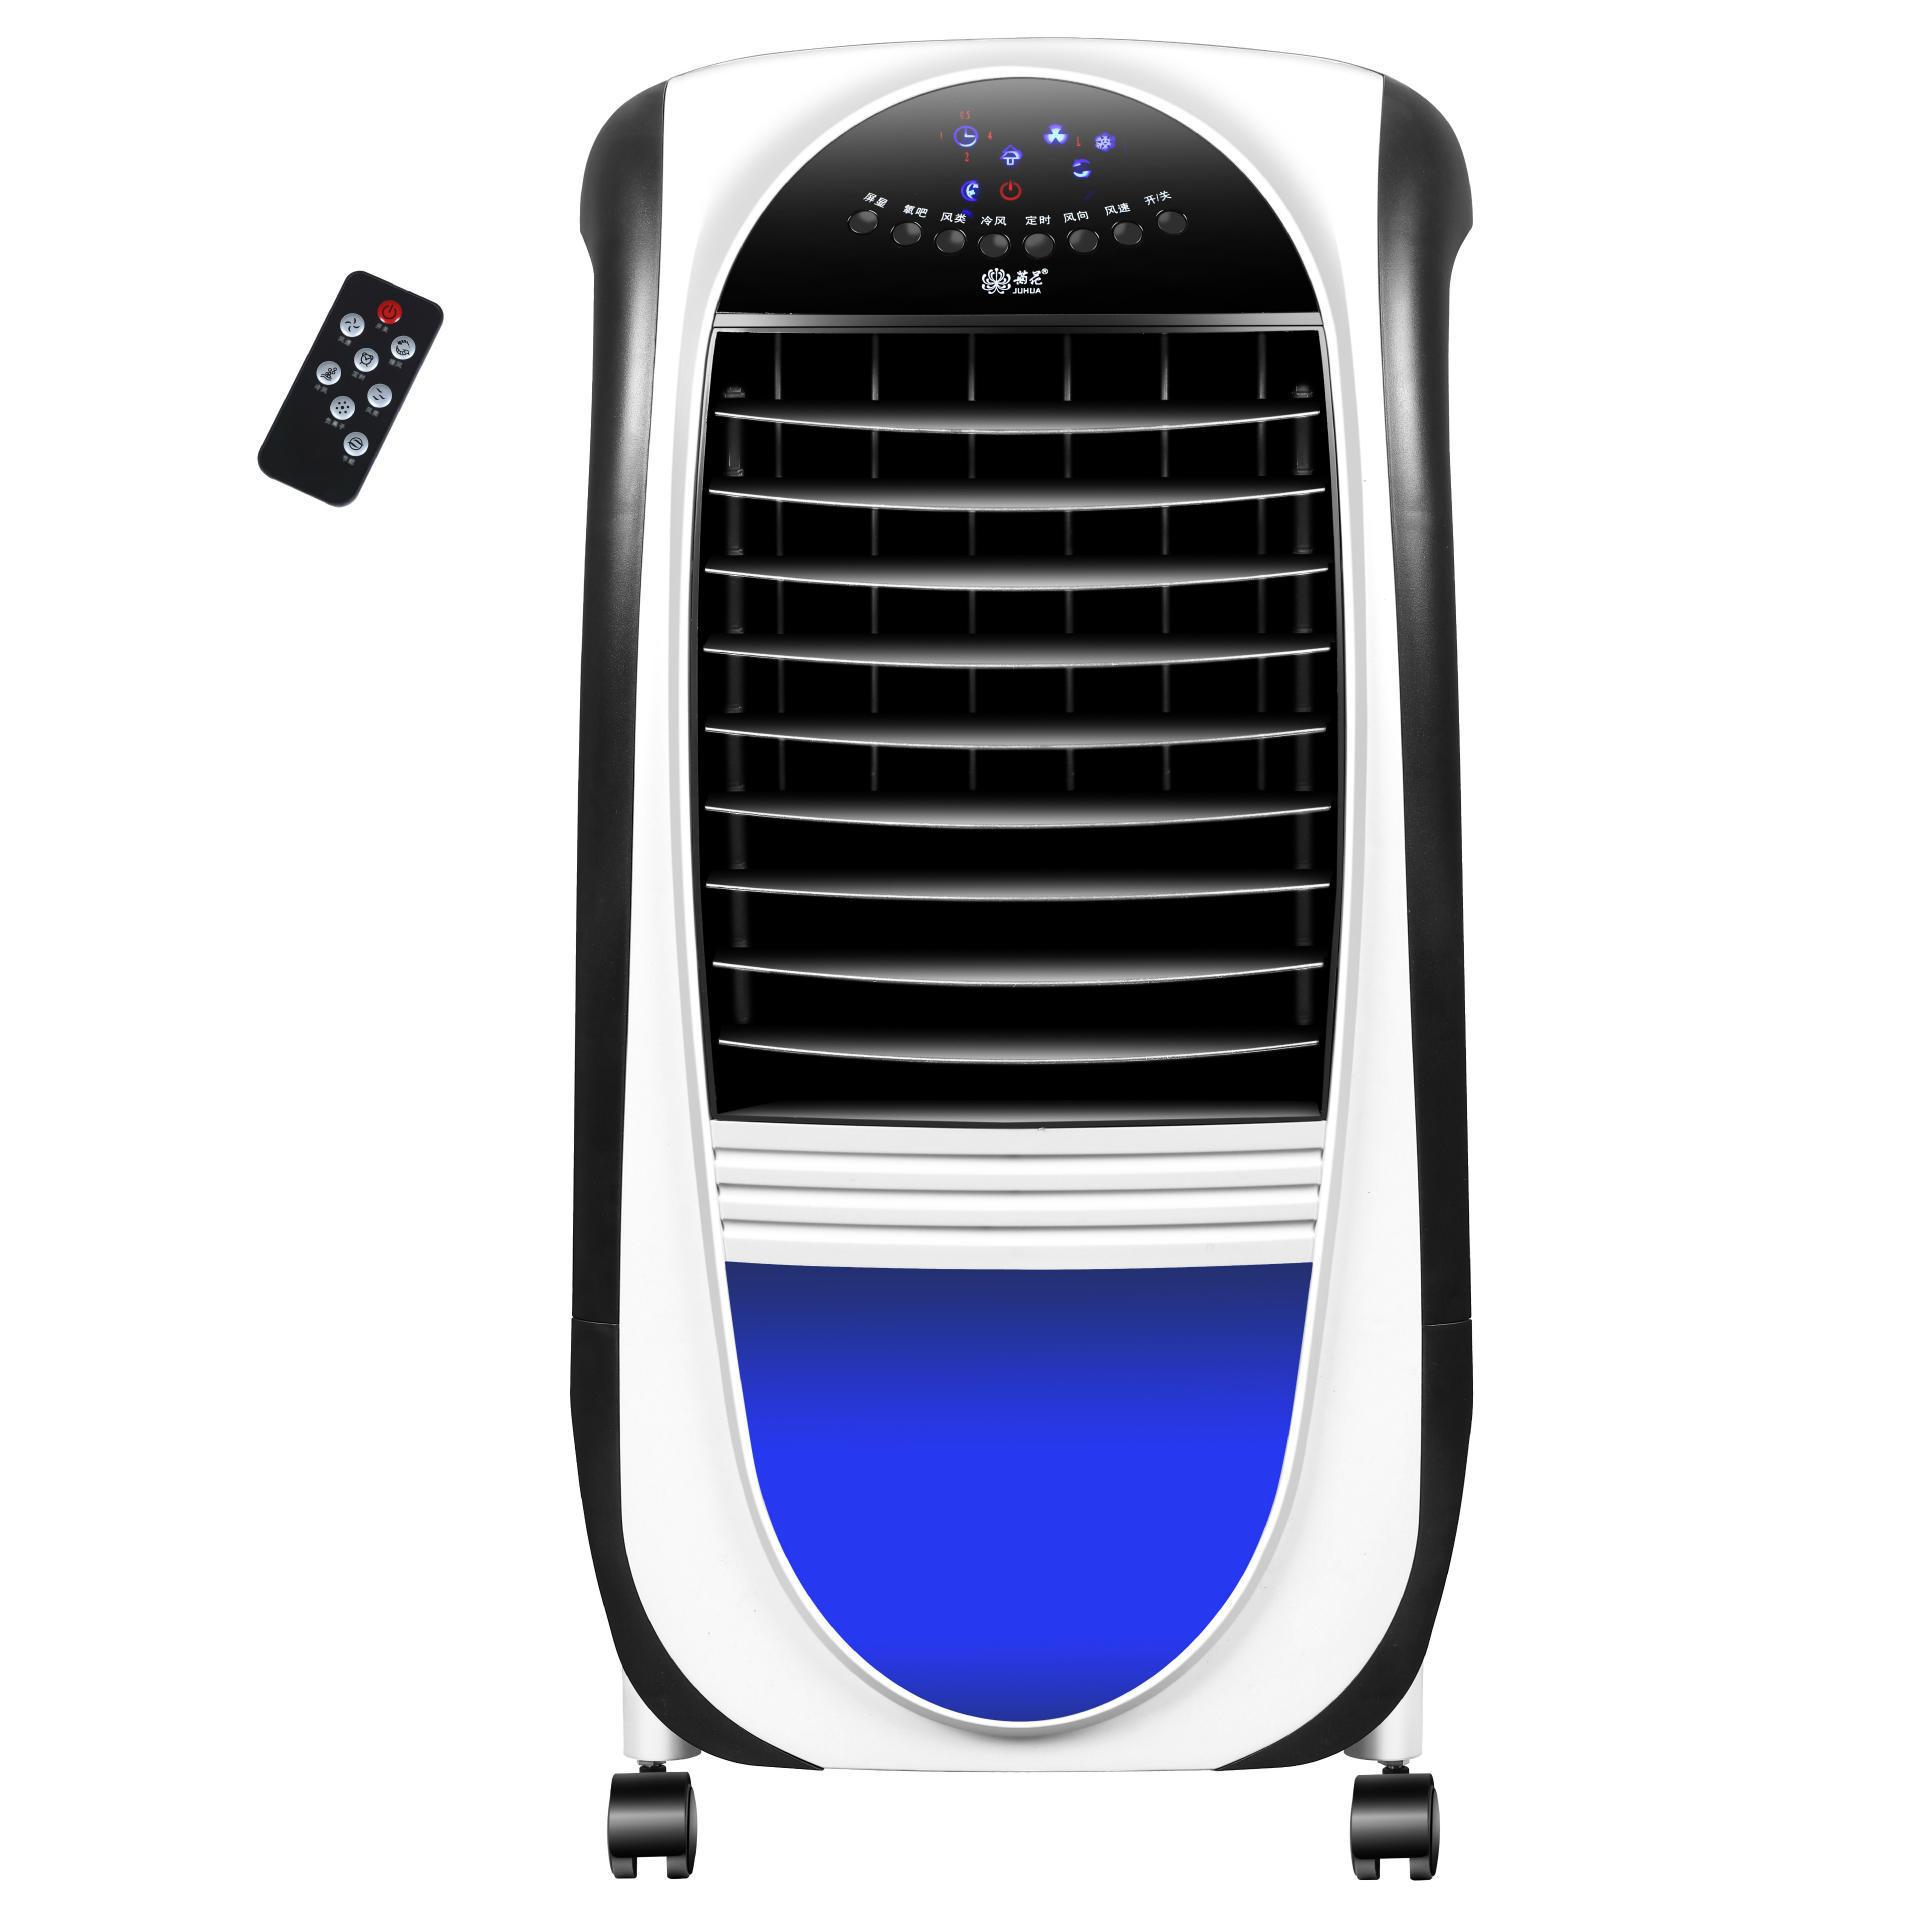 Chrysanthemen - klimaanlage, Ventilator, klimaanlage mechanismus für heizung und kühlung MIT kühler Wind Kleine mobile klimaanlage Stumm - fernbedienung